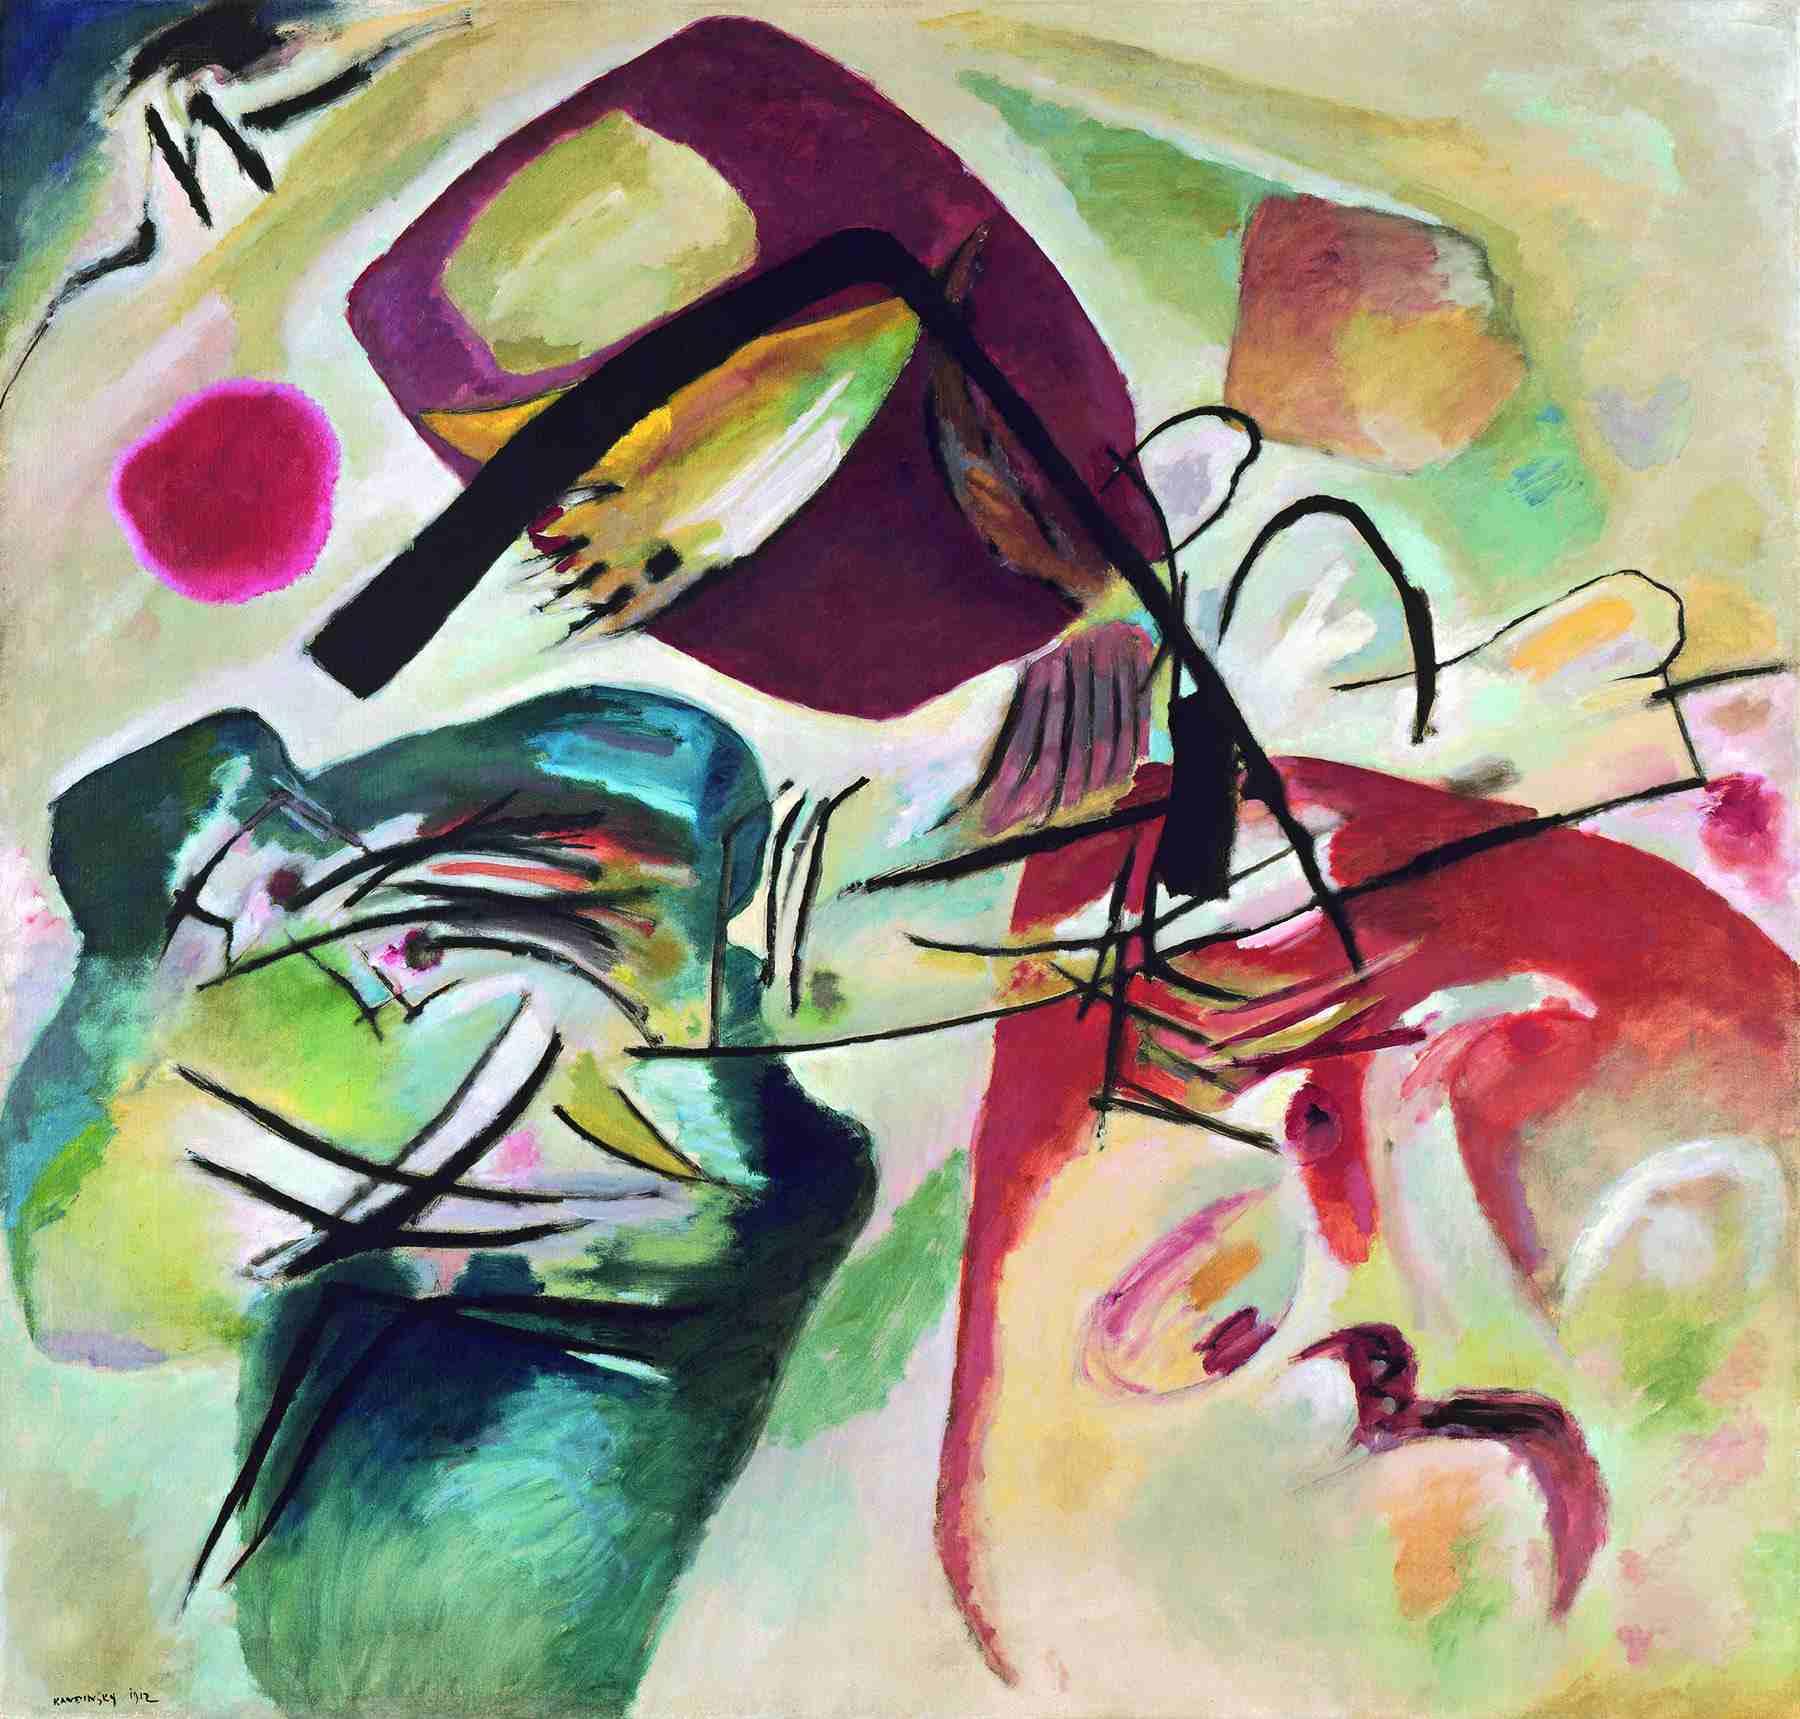 Wassily Kandinsky (Russian, 1866-1944) Wassily Kandinsky (Russian, 1866-1944). With the Black Arch (Mit dem Schwarzen Bogen), 1912. Oil on canvas. 74 3/8 x 77 15/16 in. (189 x 198 cm). Gift of Nina Kandinsky, 1976. Musée national d'art moderne, Centre Pompidou, Paris.